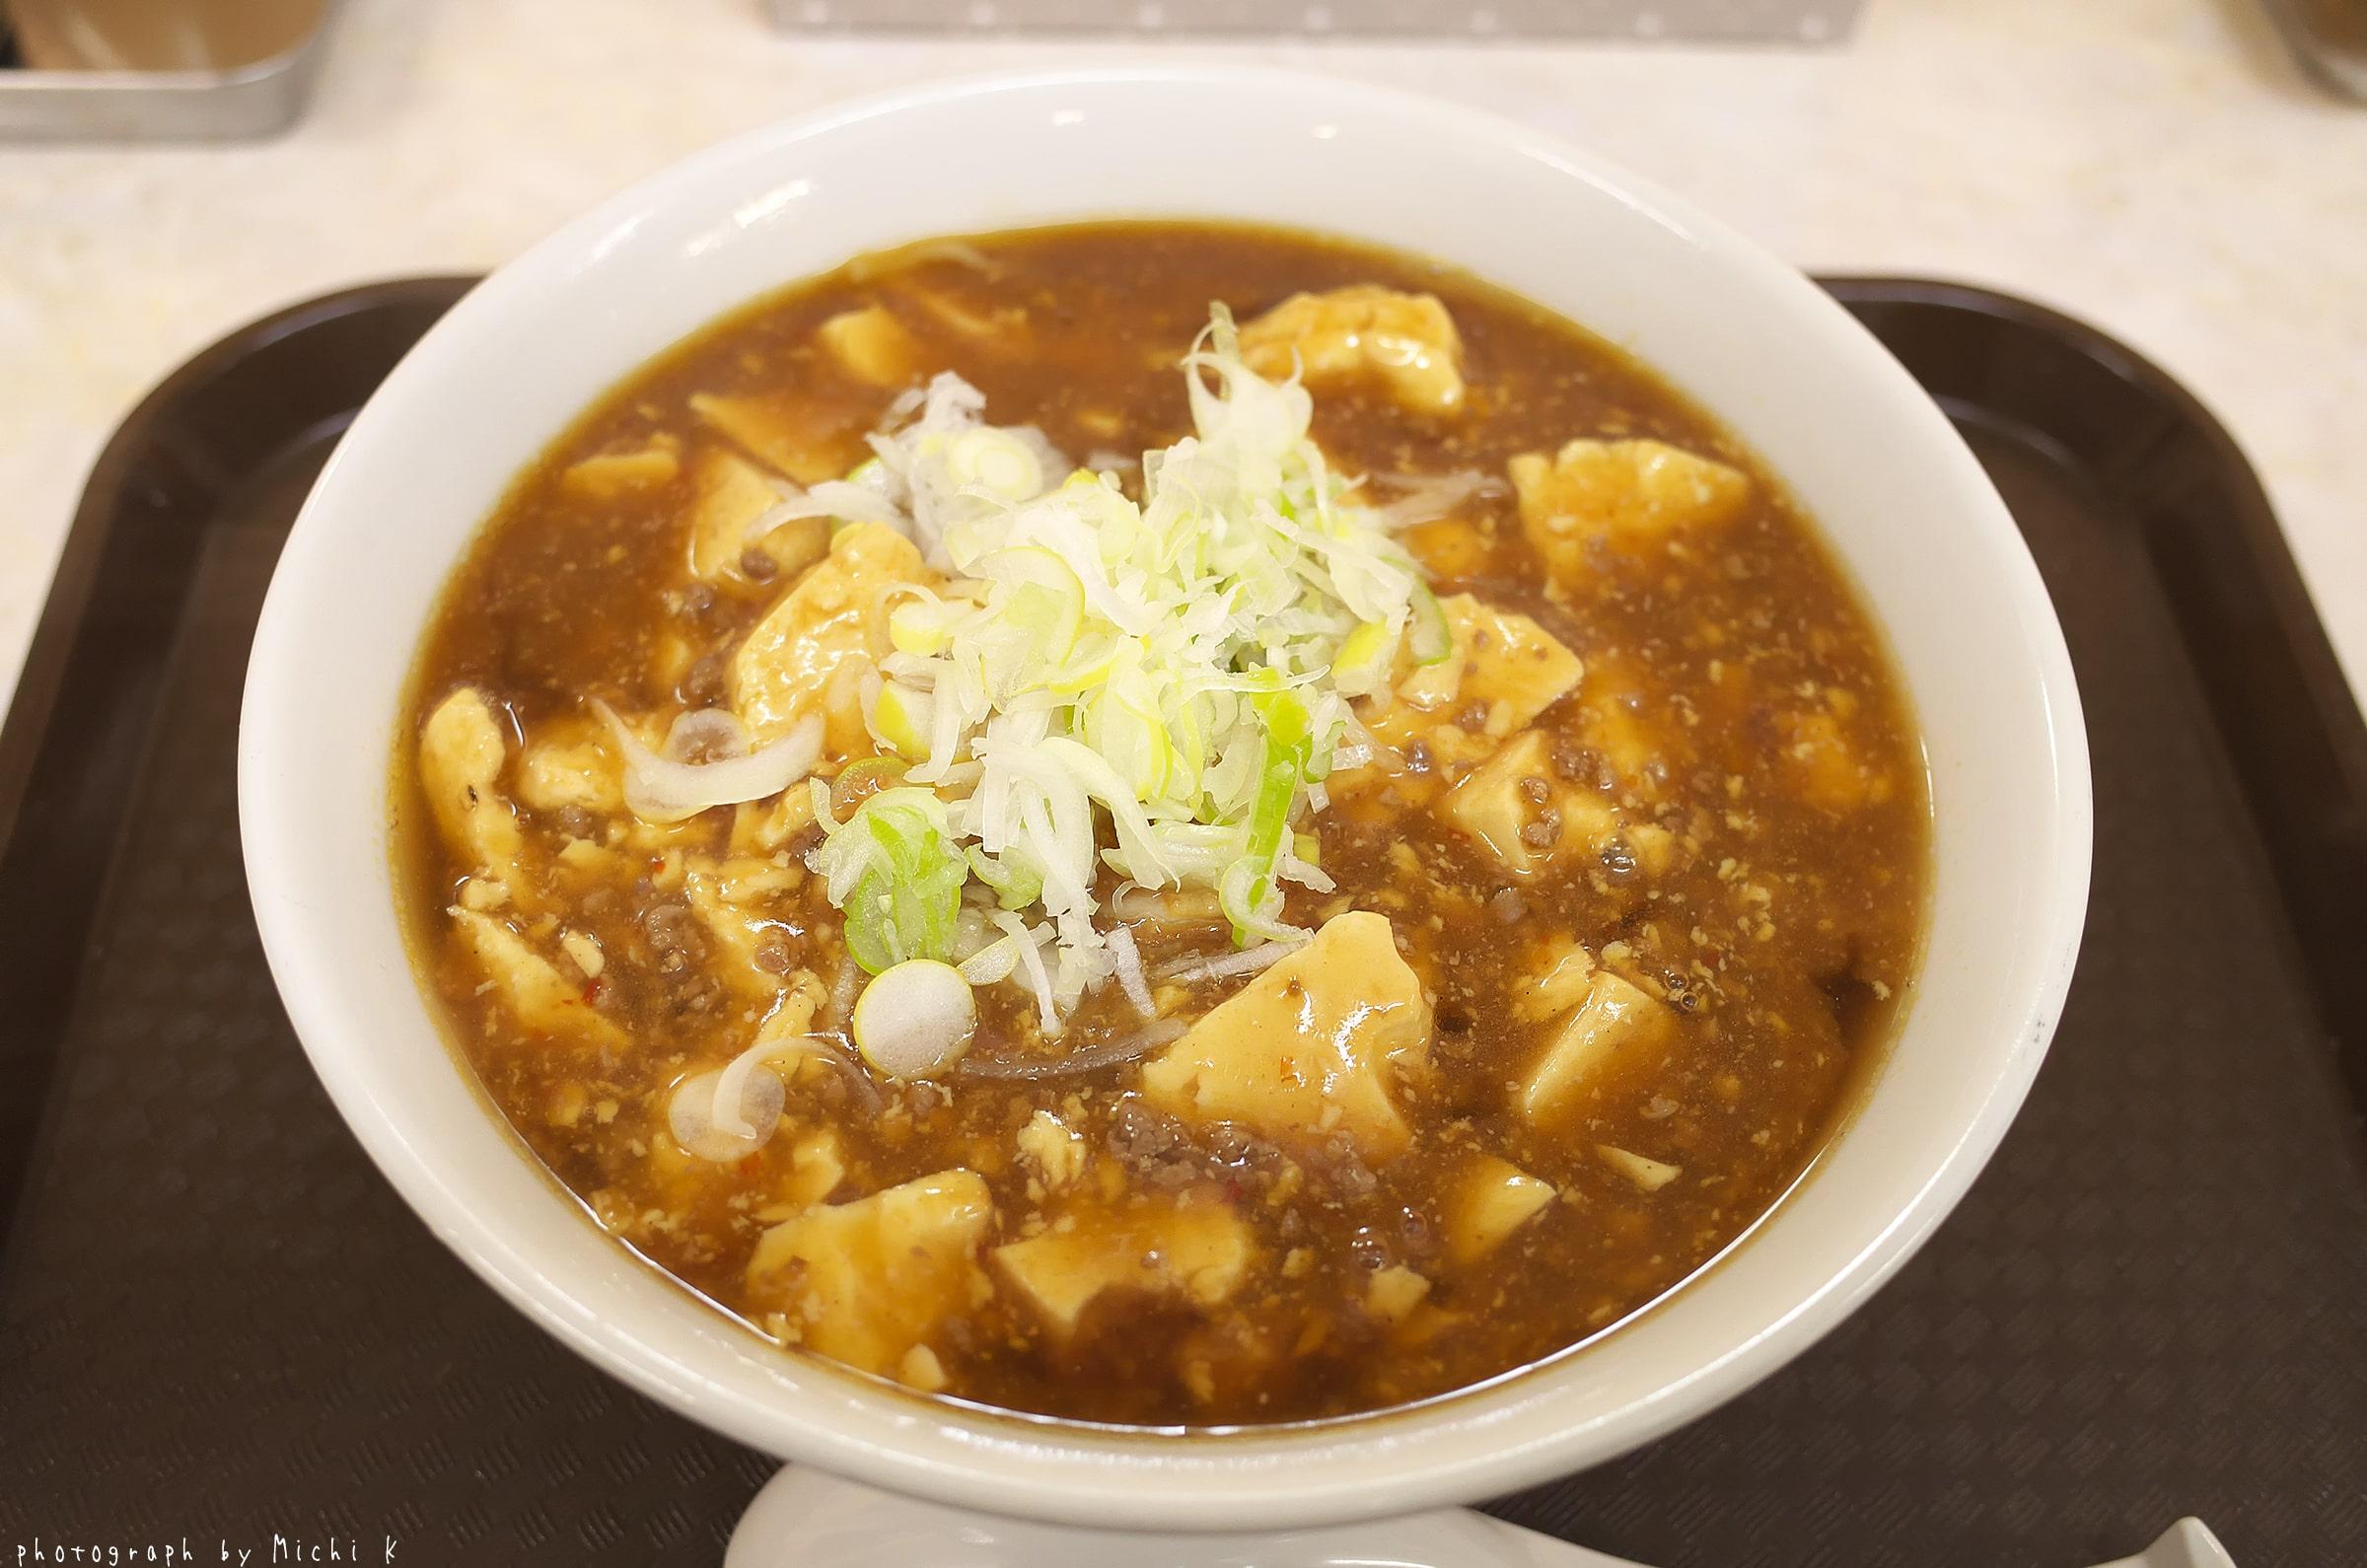 山形県遊佐町「道の駅ふらっと」のマーボー麺(その1)